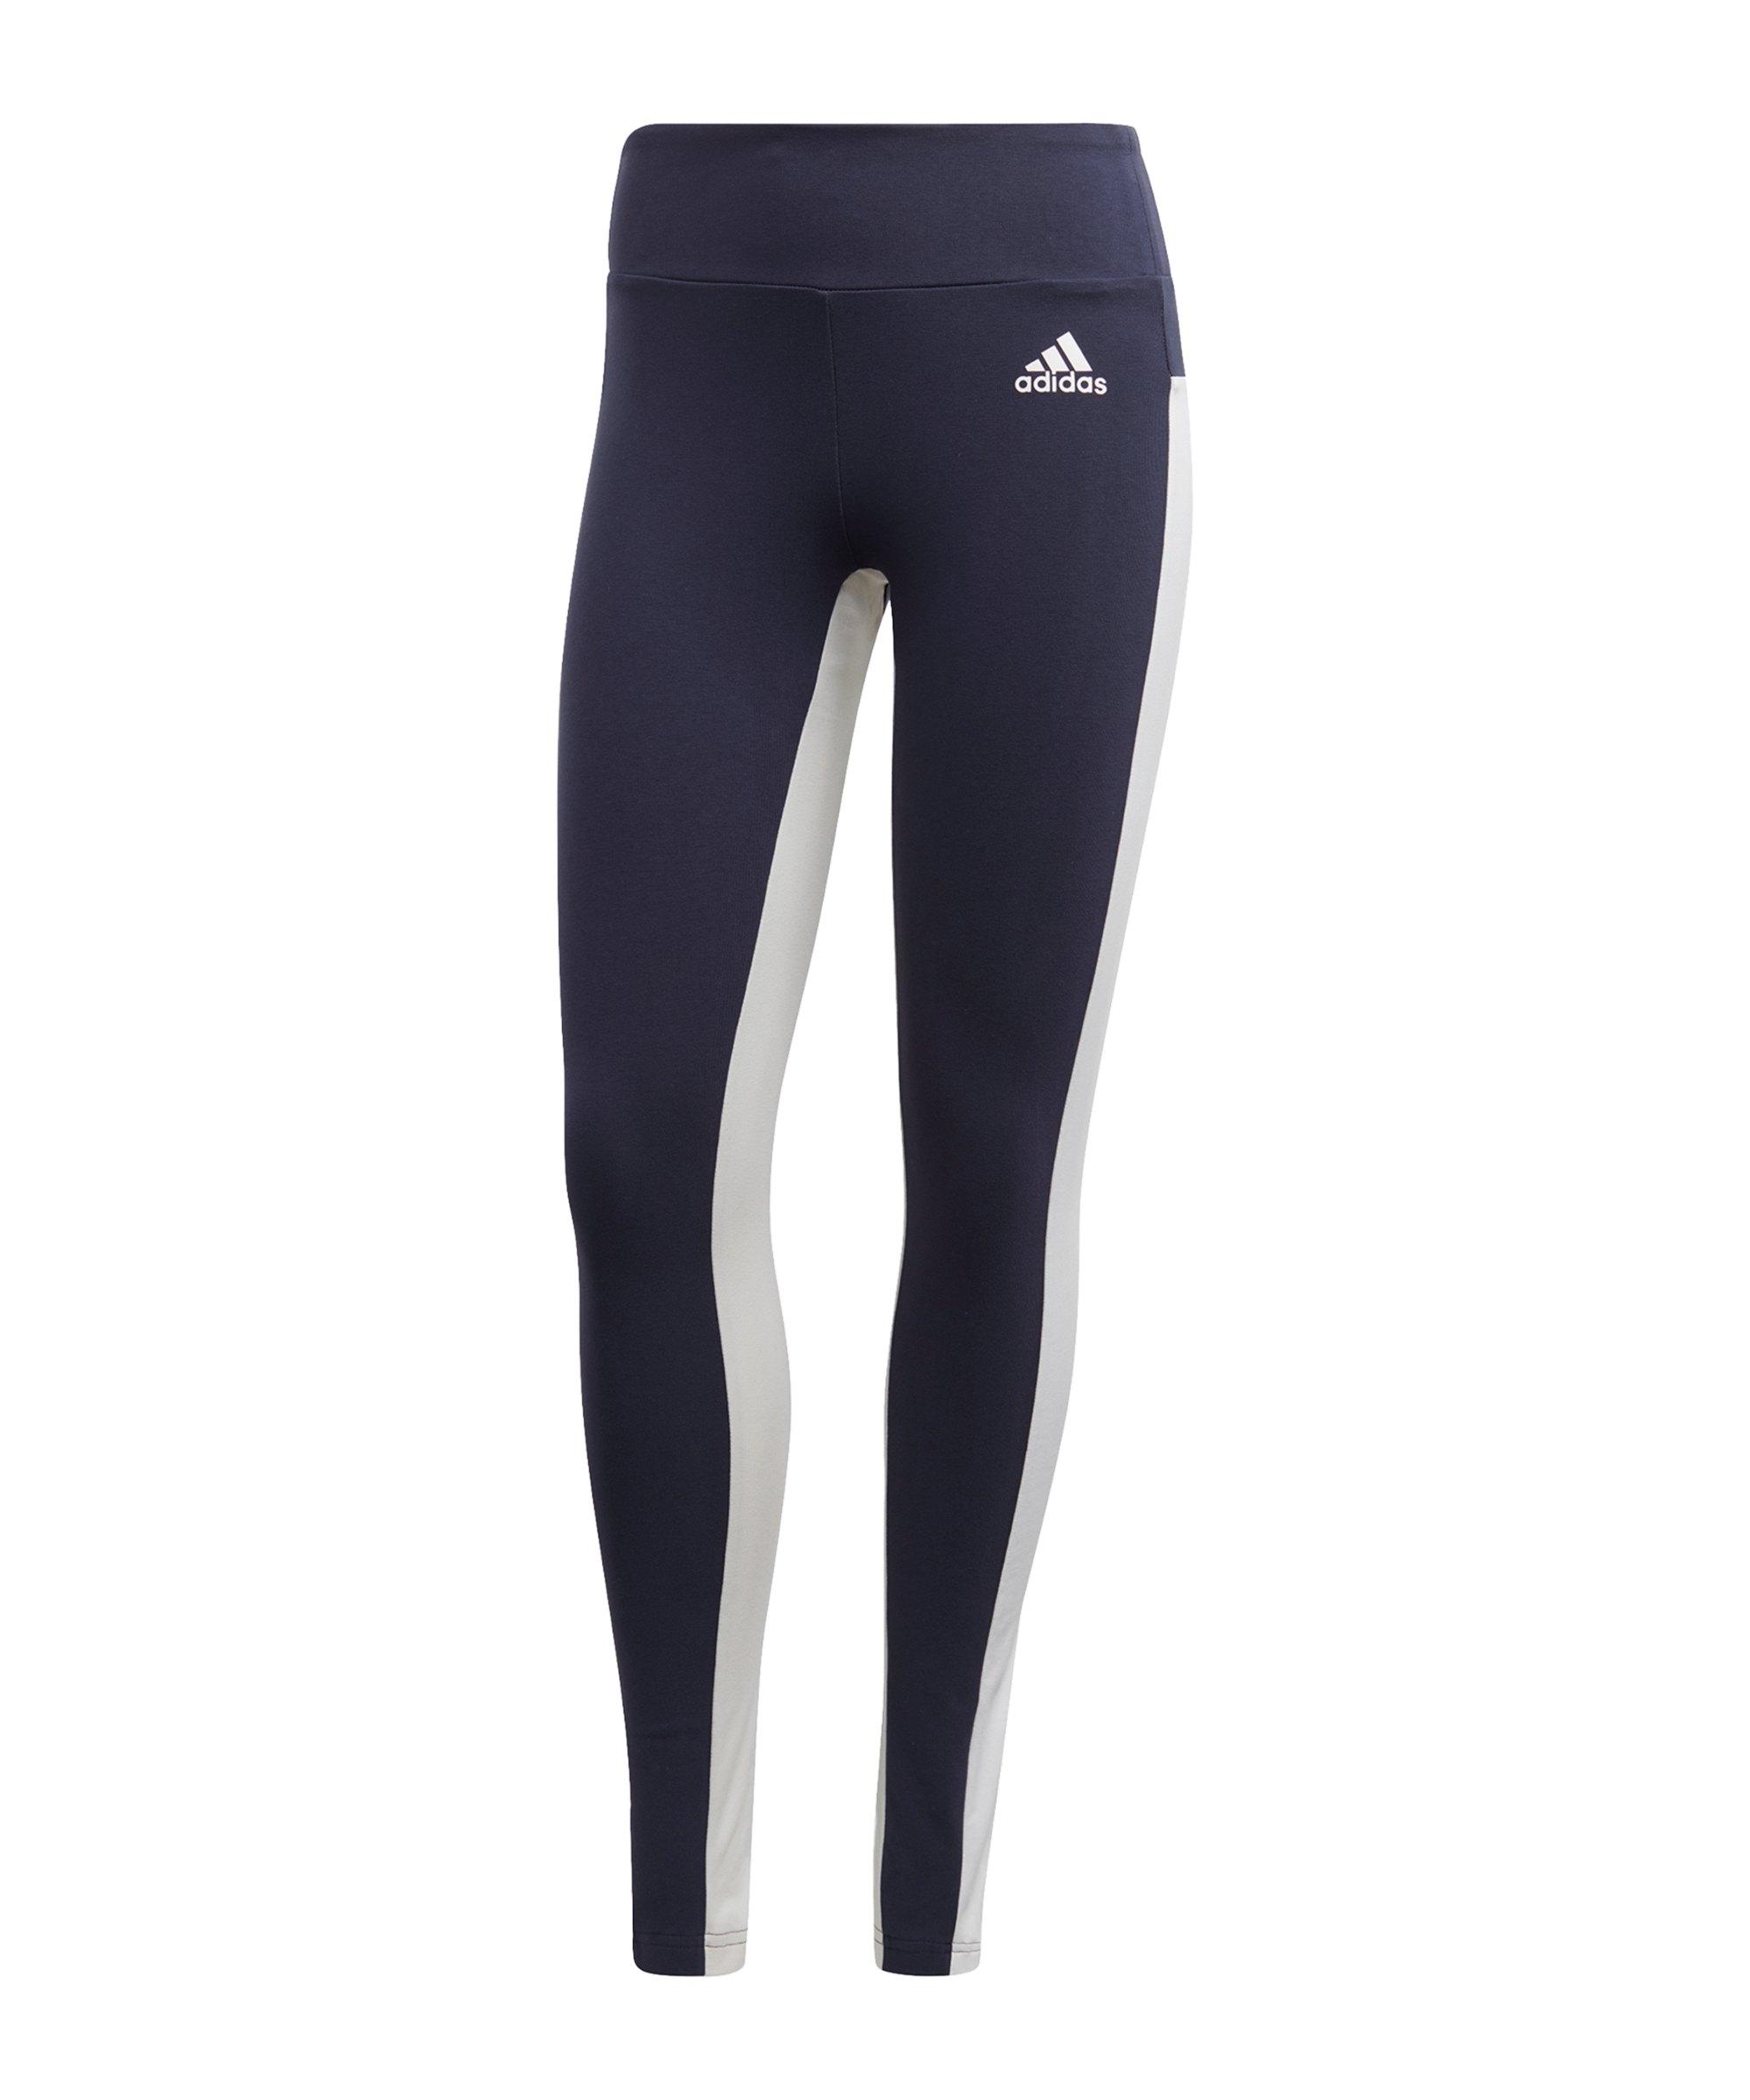 adidas SP Tight Damen Blau Weiss - blau